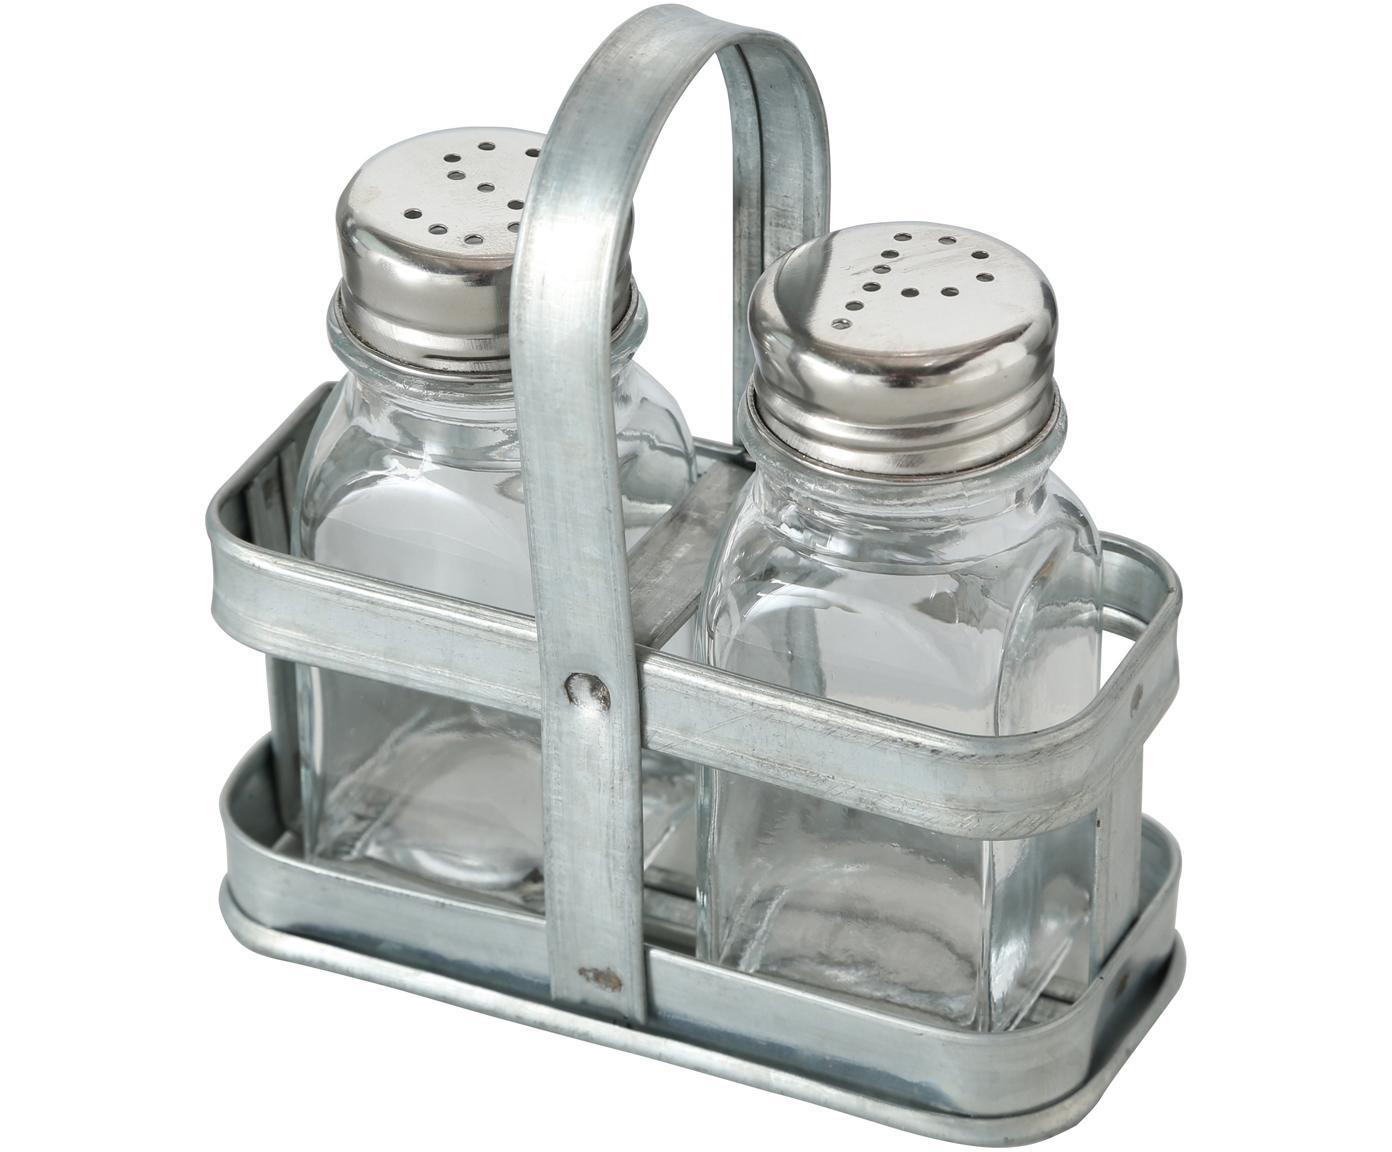 Salz- und Pfefferstreuer Edna mit Metall-Gestell im Used Look, Behälter: Glas, Transparent, Metall, 12 x 12 cm